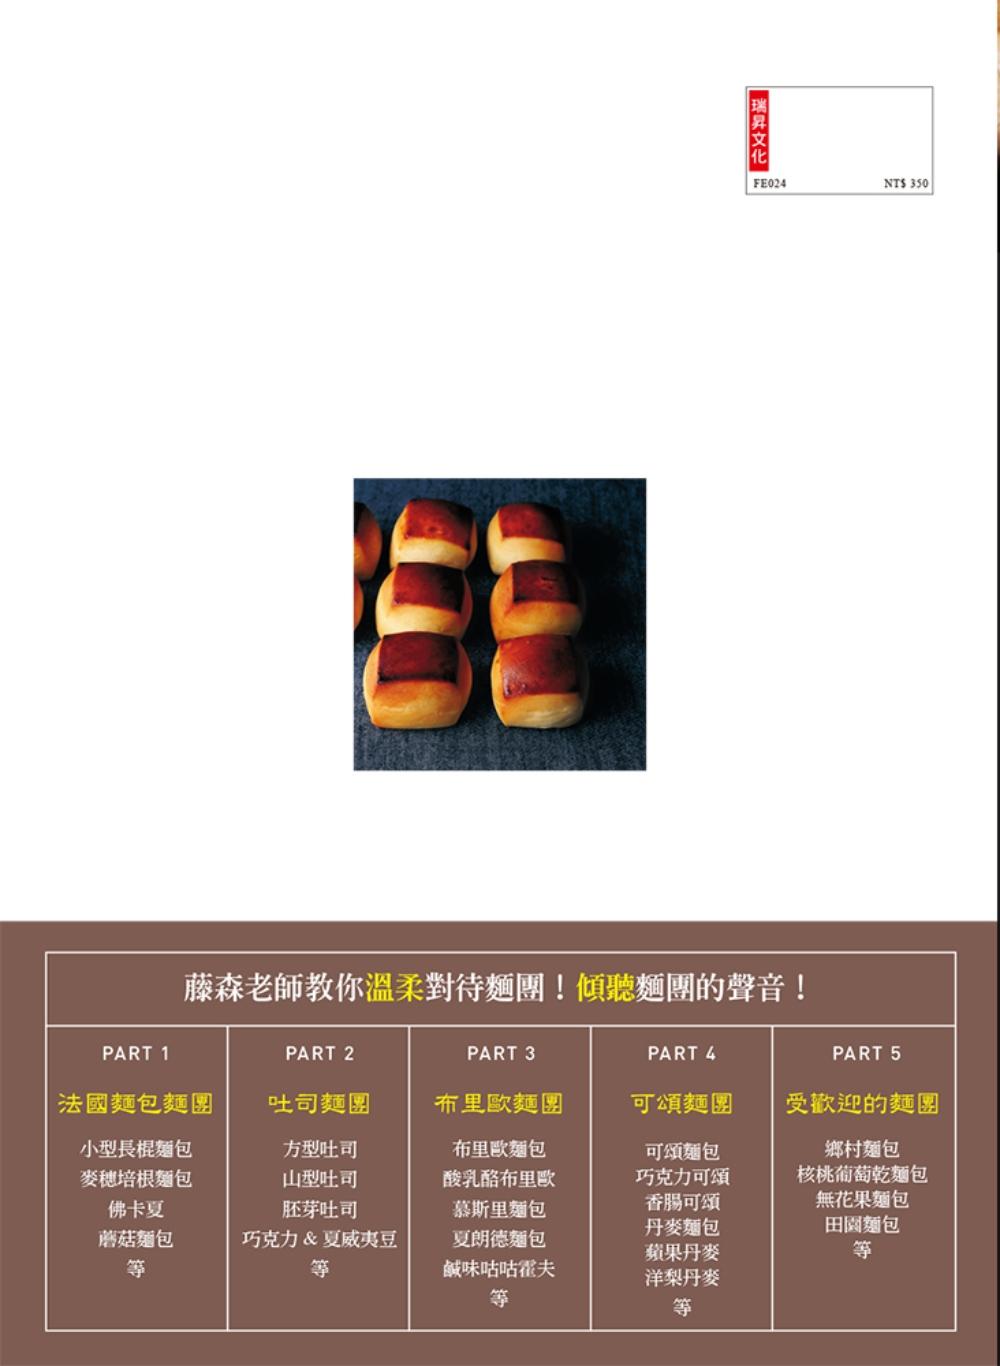 ◤博客來BOOKS◢ 暢銷書榜《推薦》「麵包‧麵團」完美配方精析圖解:第1位榮獲法國農業功勞騎士獎章的日本麵包職人!史上步驟圖最多、最清楚,就像觀看教學影片一樣簡單!